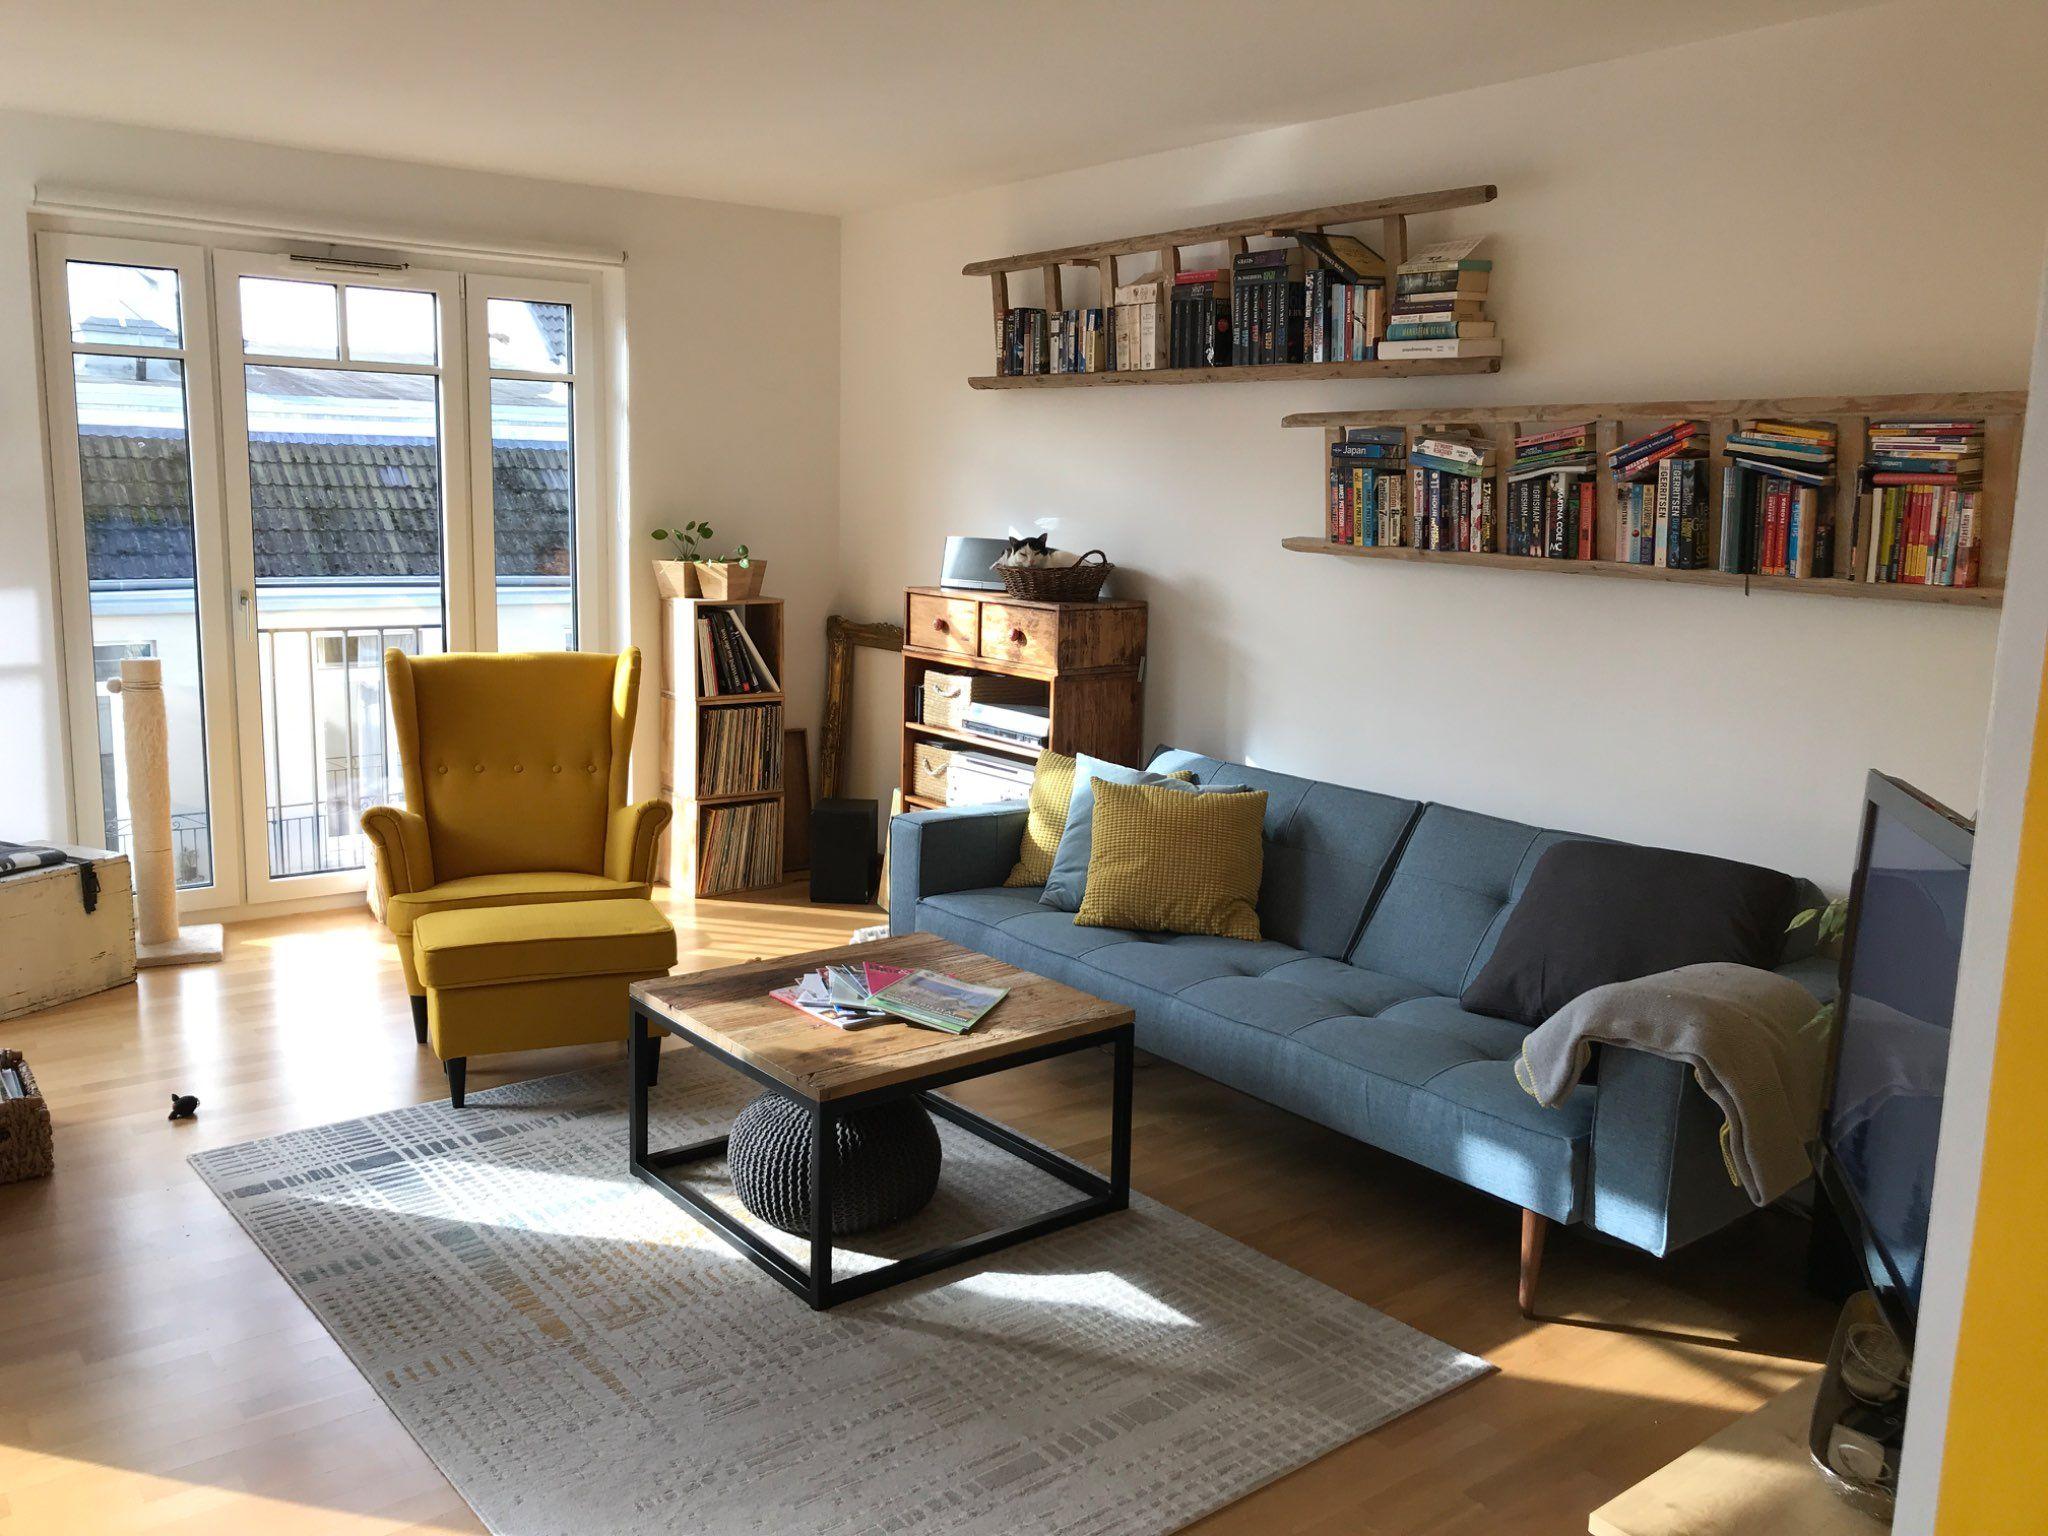 Cooles Wohnzimmer Mit Vielen Farben Haus Deko Blaue Couch Wandfarbe Wohnzimmer